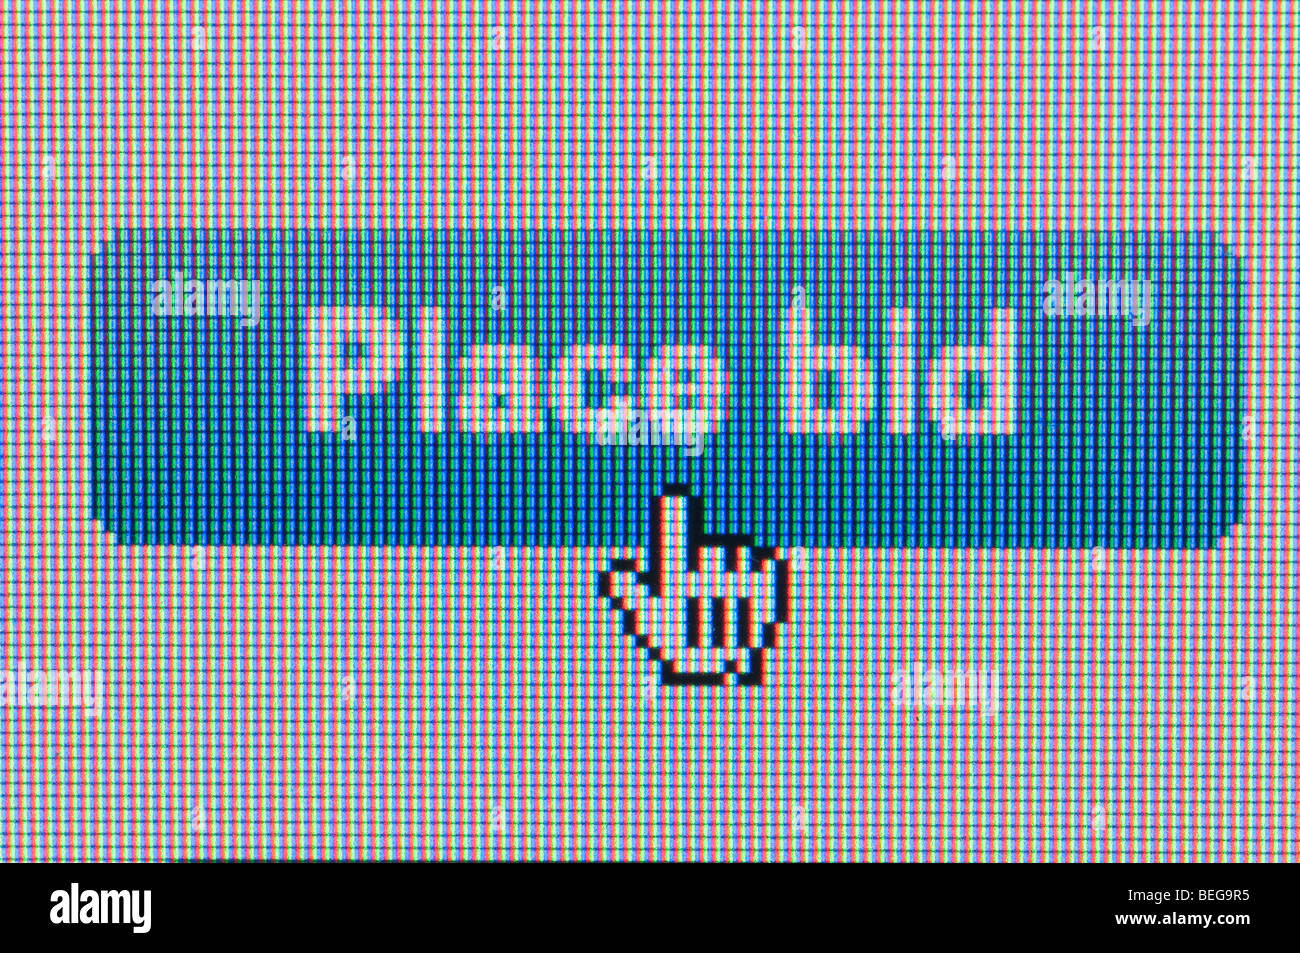 Ebay screenshot - Stock Image